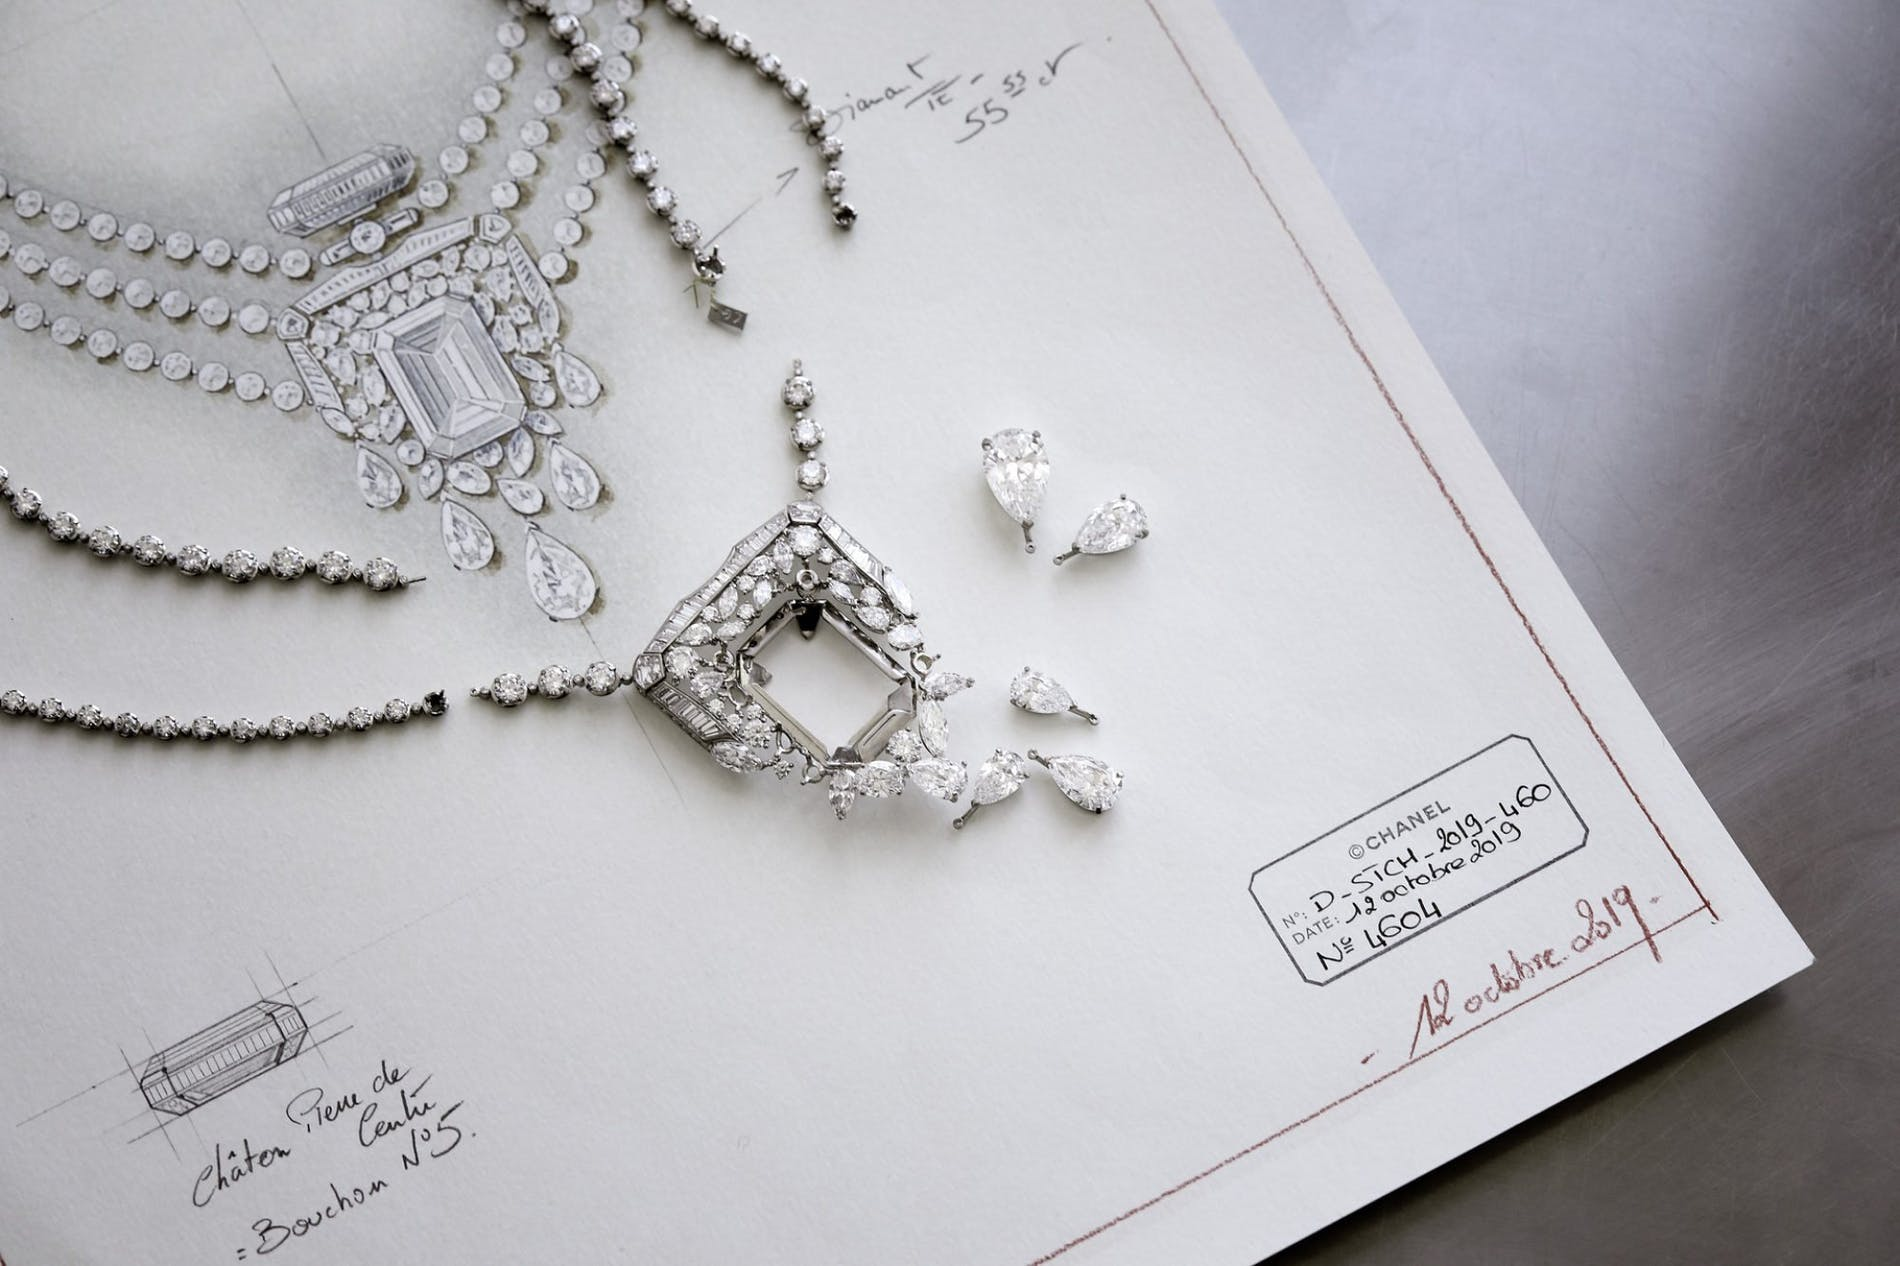 Chanel 55.55 - Sợi dây chuyền kỷ niệm 100 năm biểu tượng-3